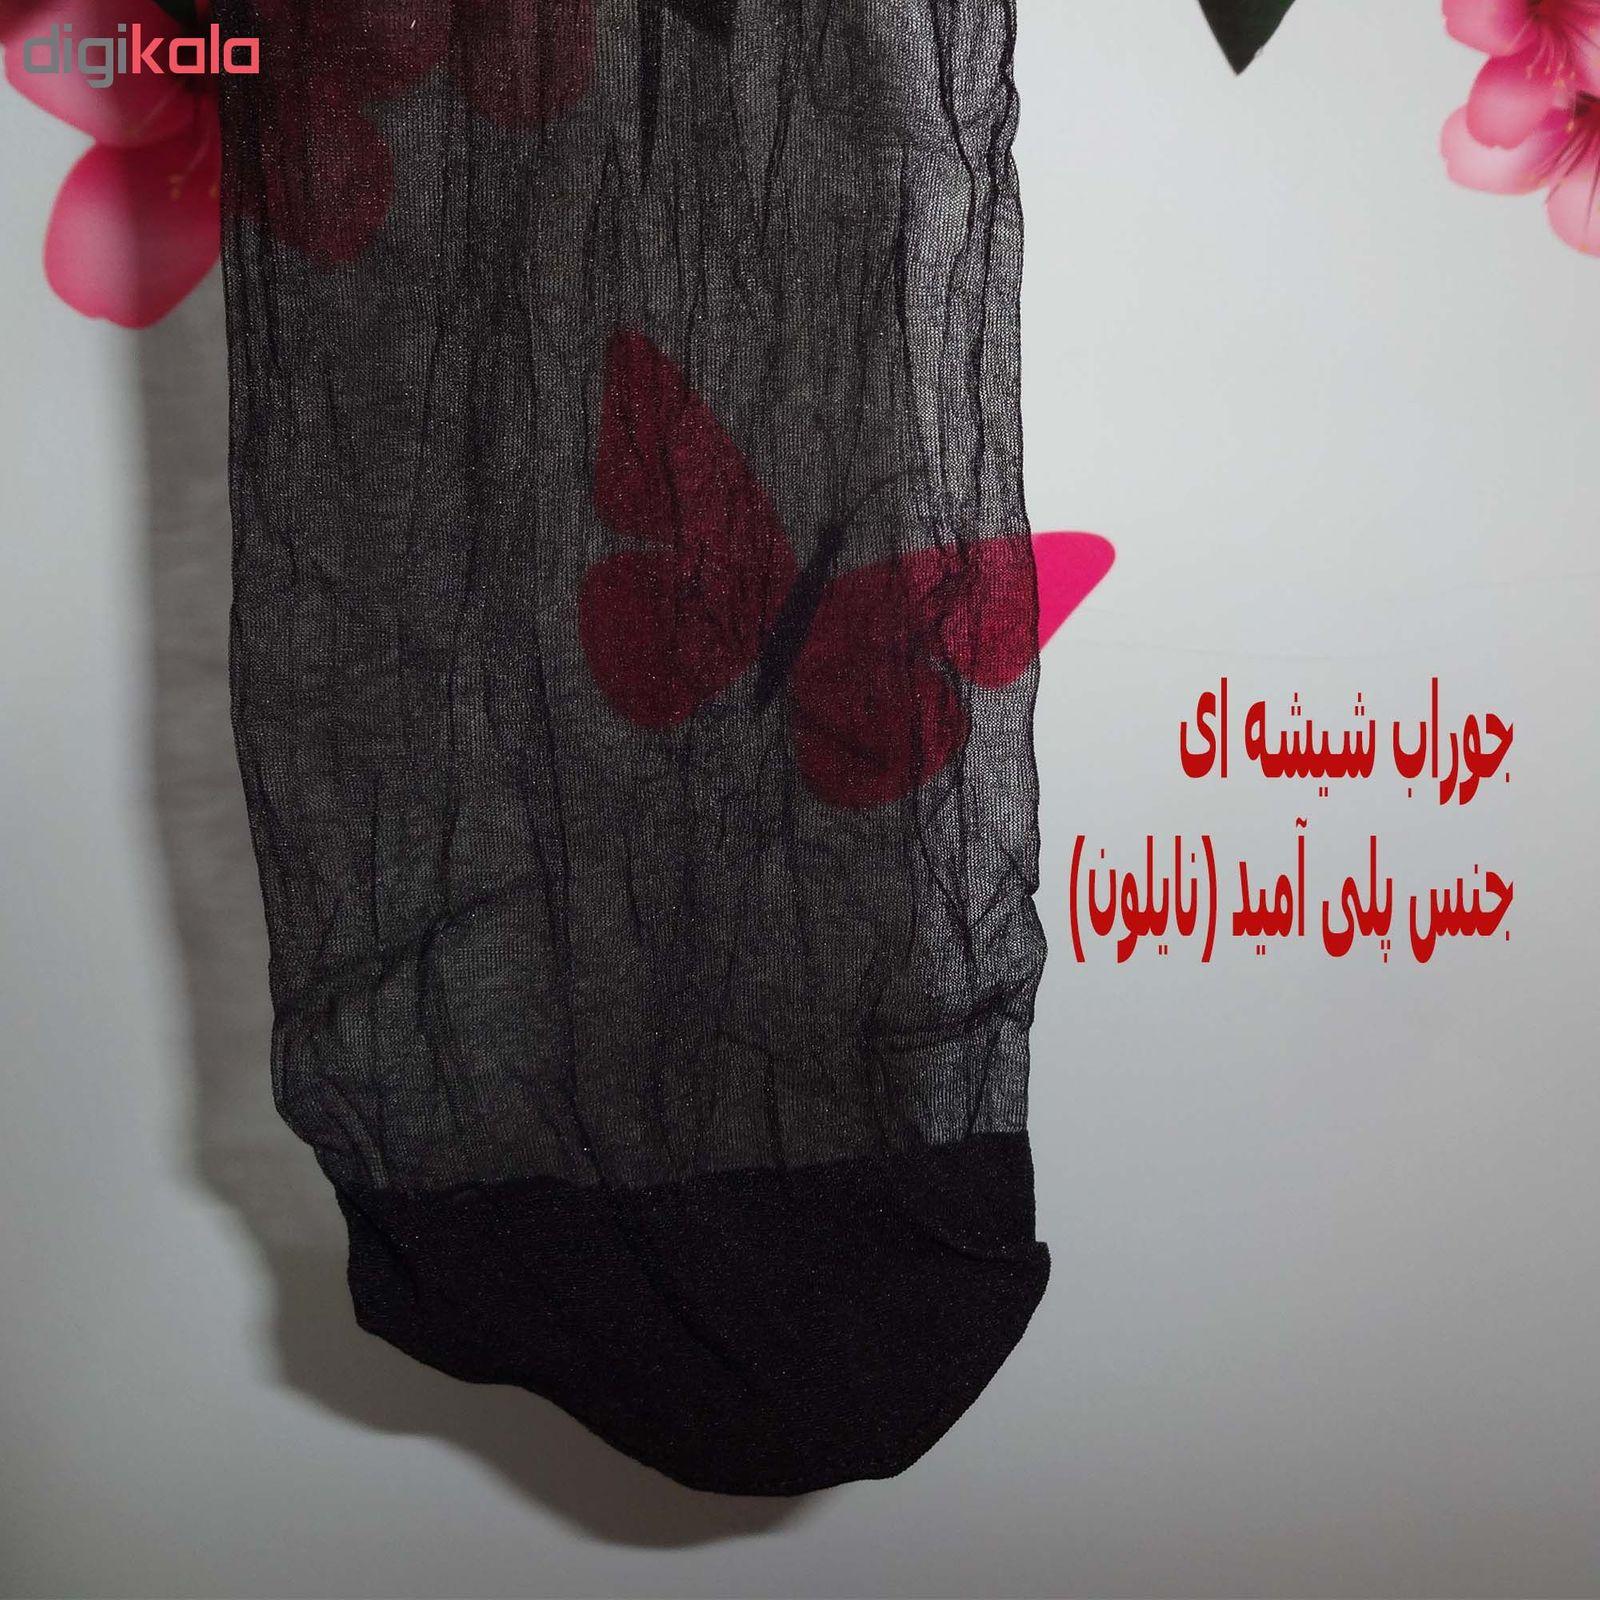 جوراب زنانه مدل 1.10 کد 5sambla main 1 1